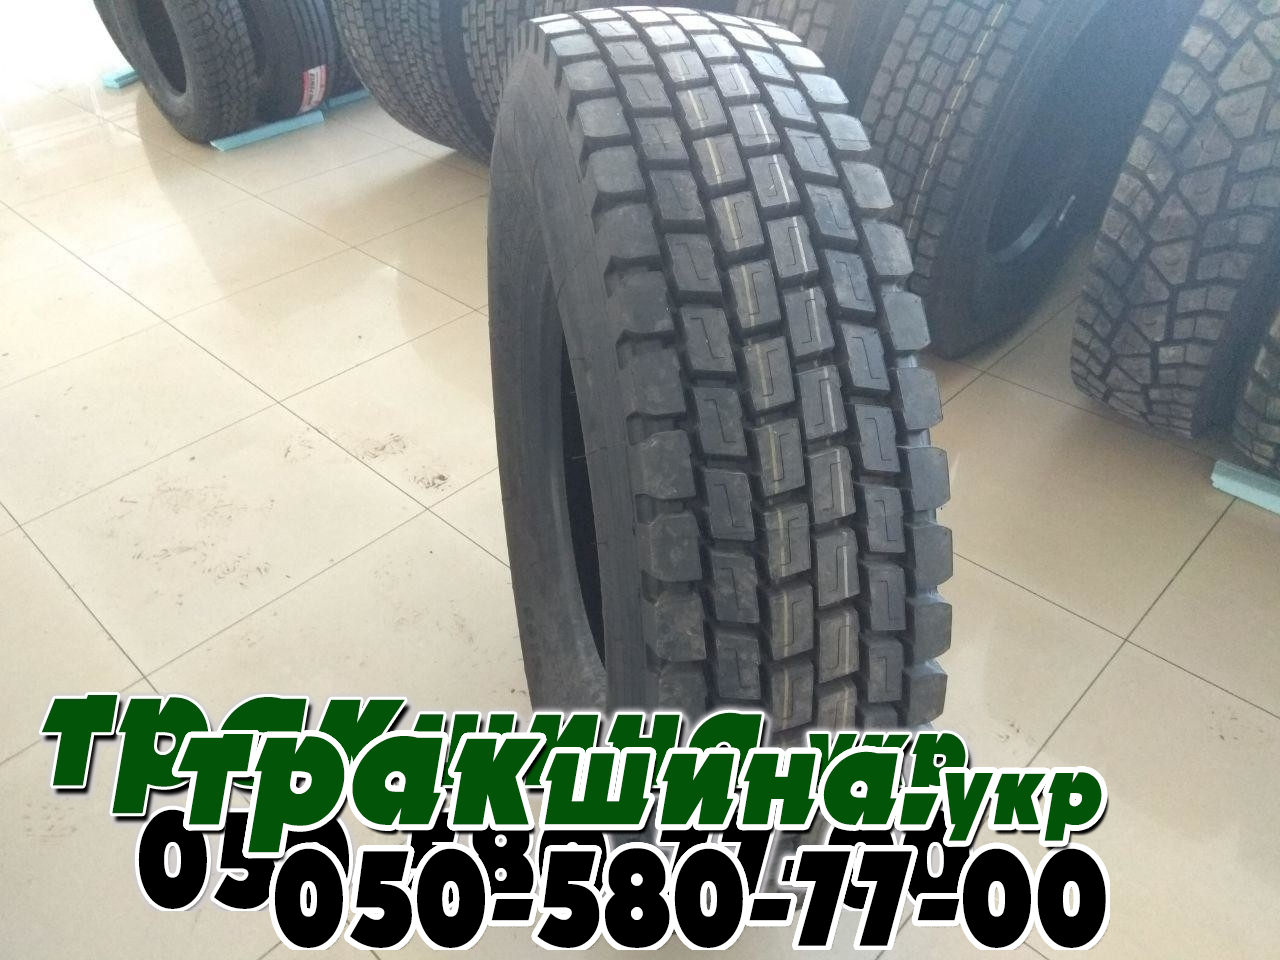 Рисунок протектора шины 315/80R22.5 тяга со стандартным рисунком протектора